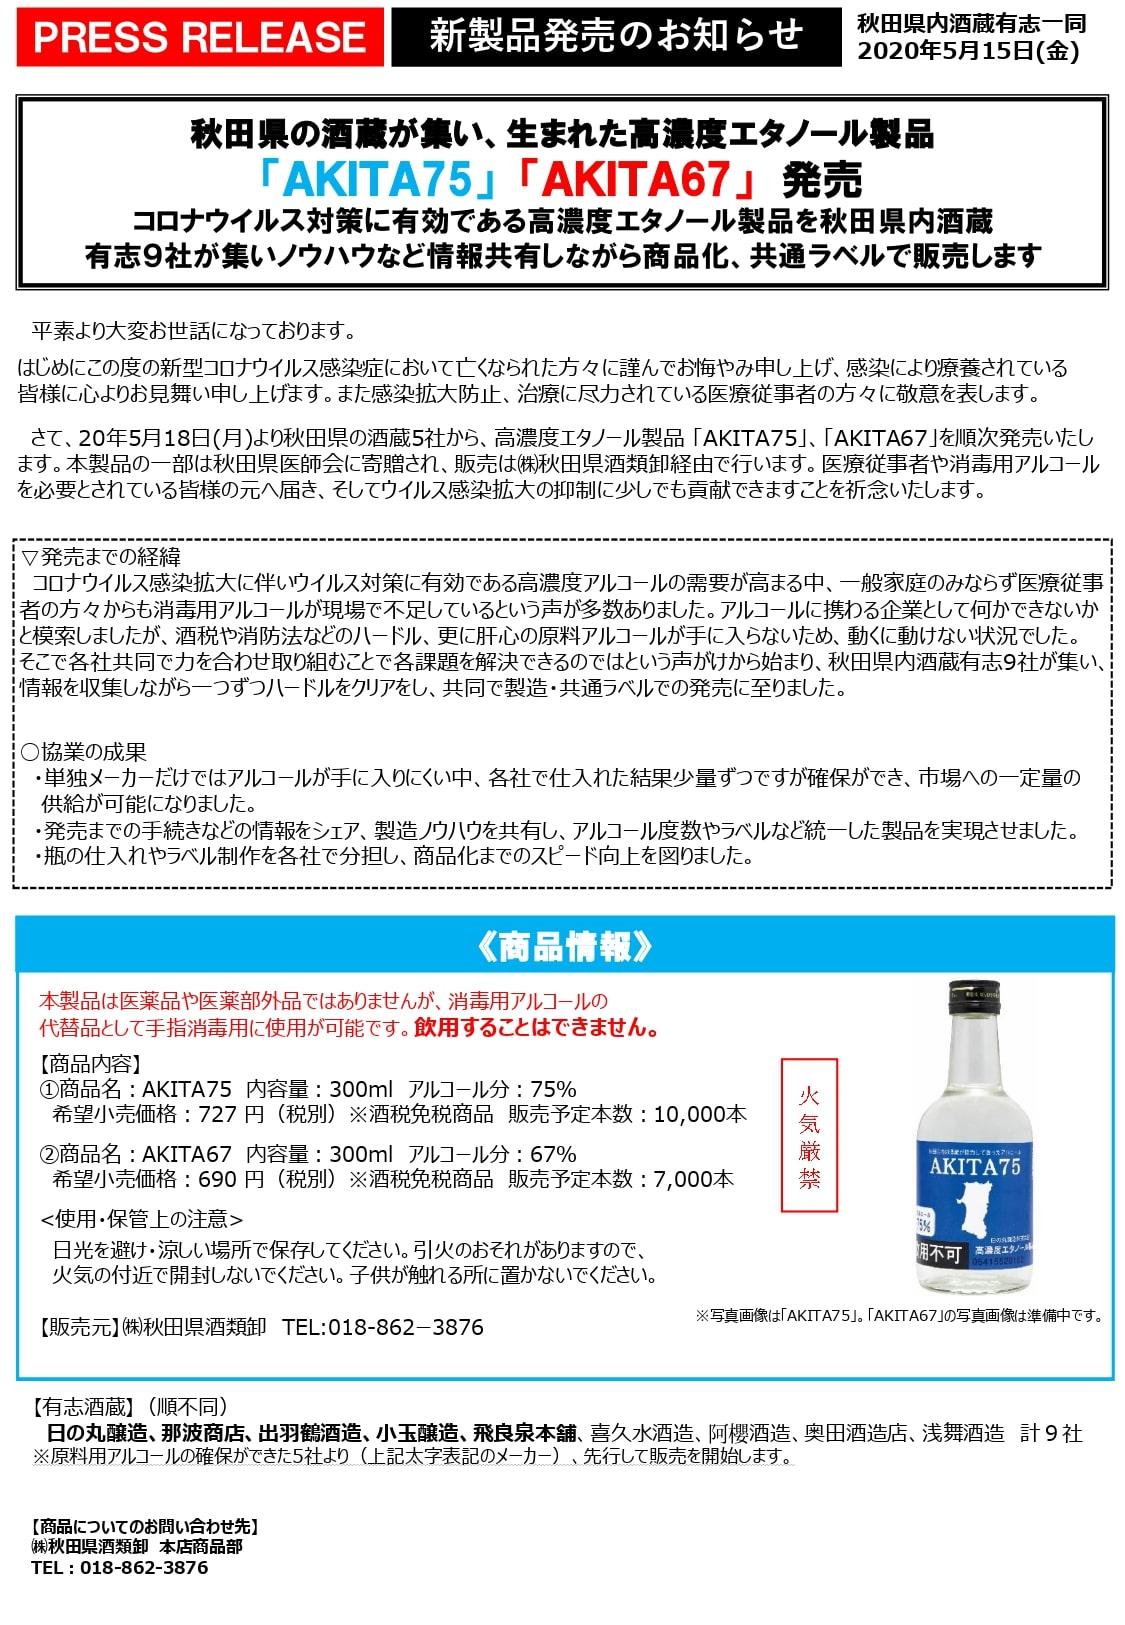 コロナ ウイルス 感染 者 秋田 県